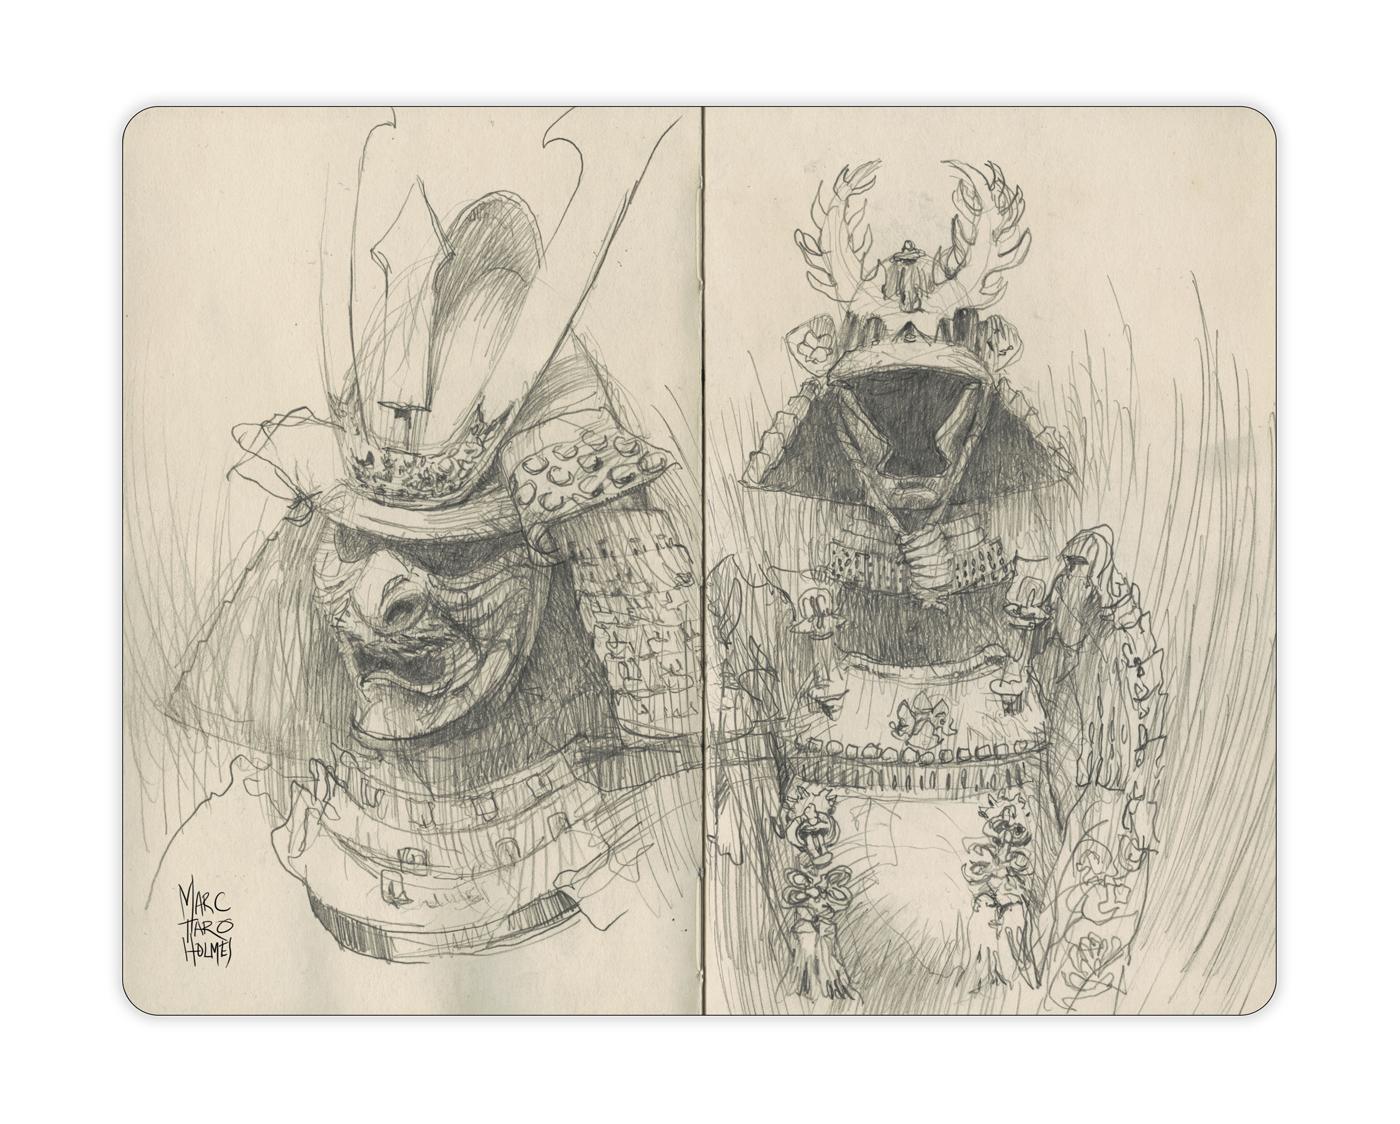 Drawn samurai face Pointe Sketcher Citizen the at